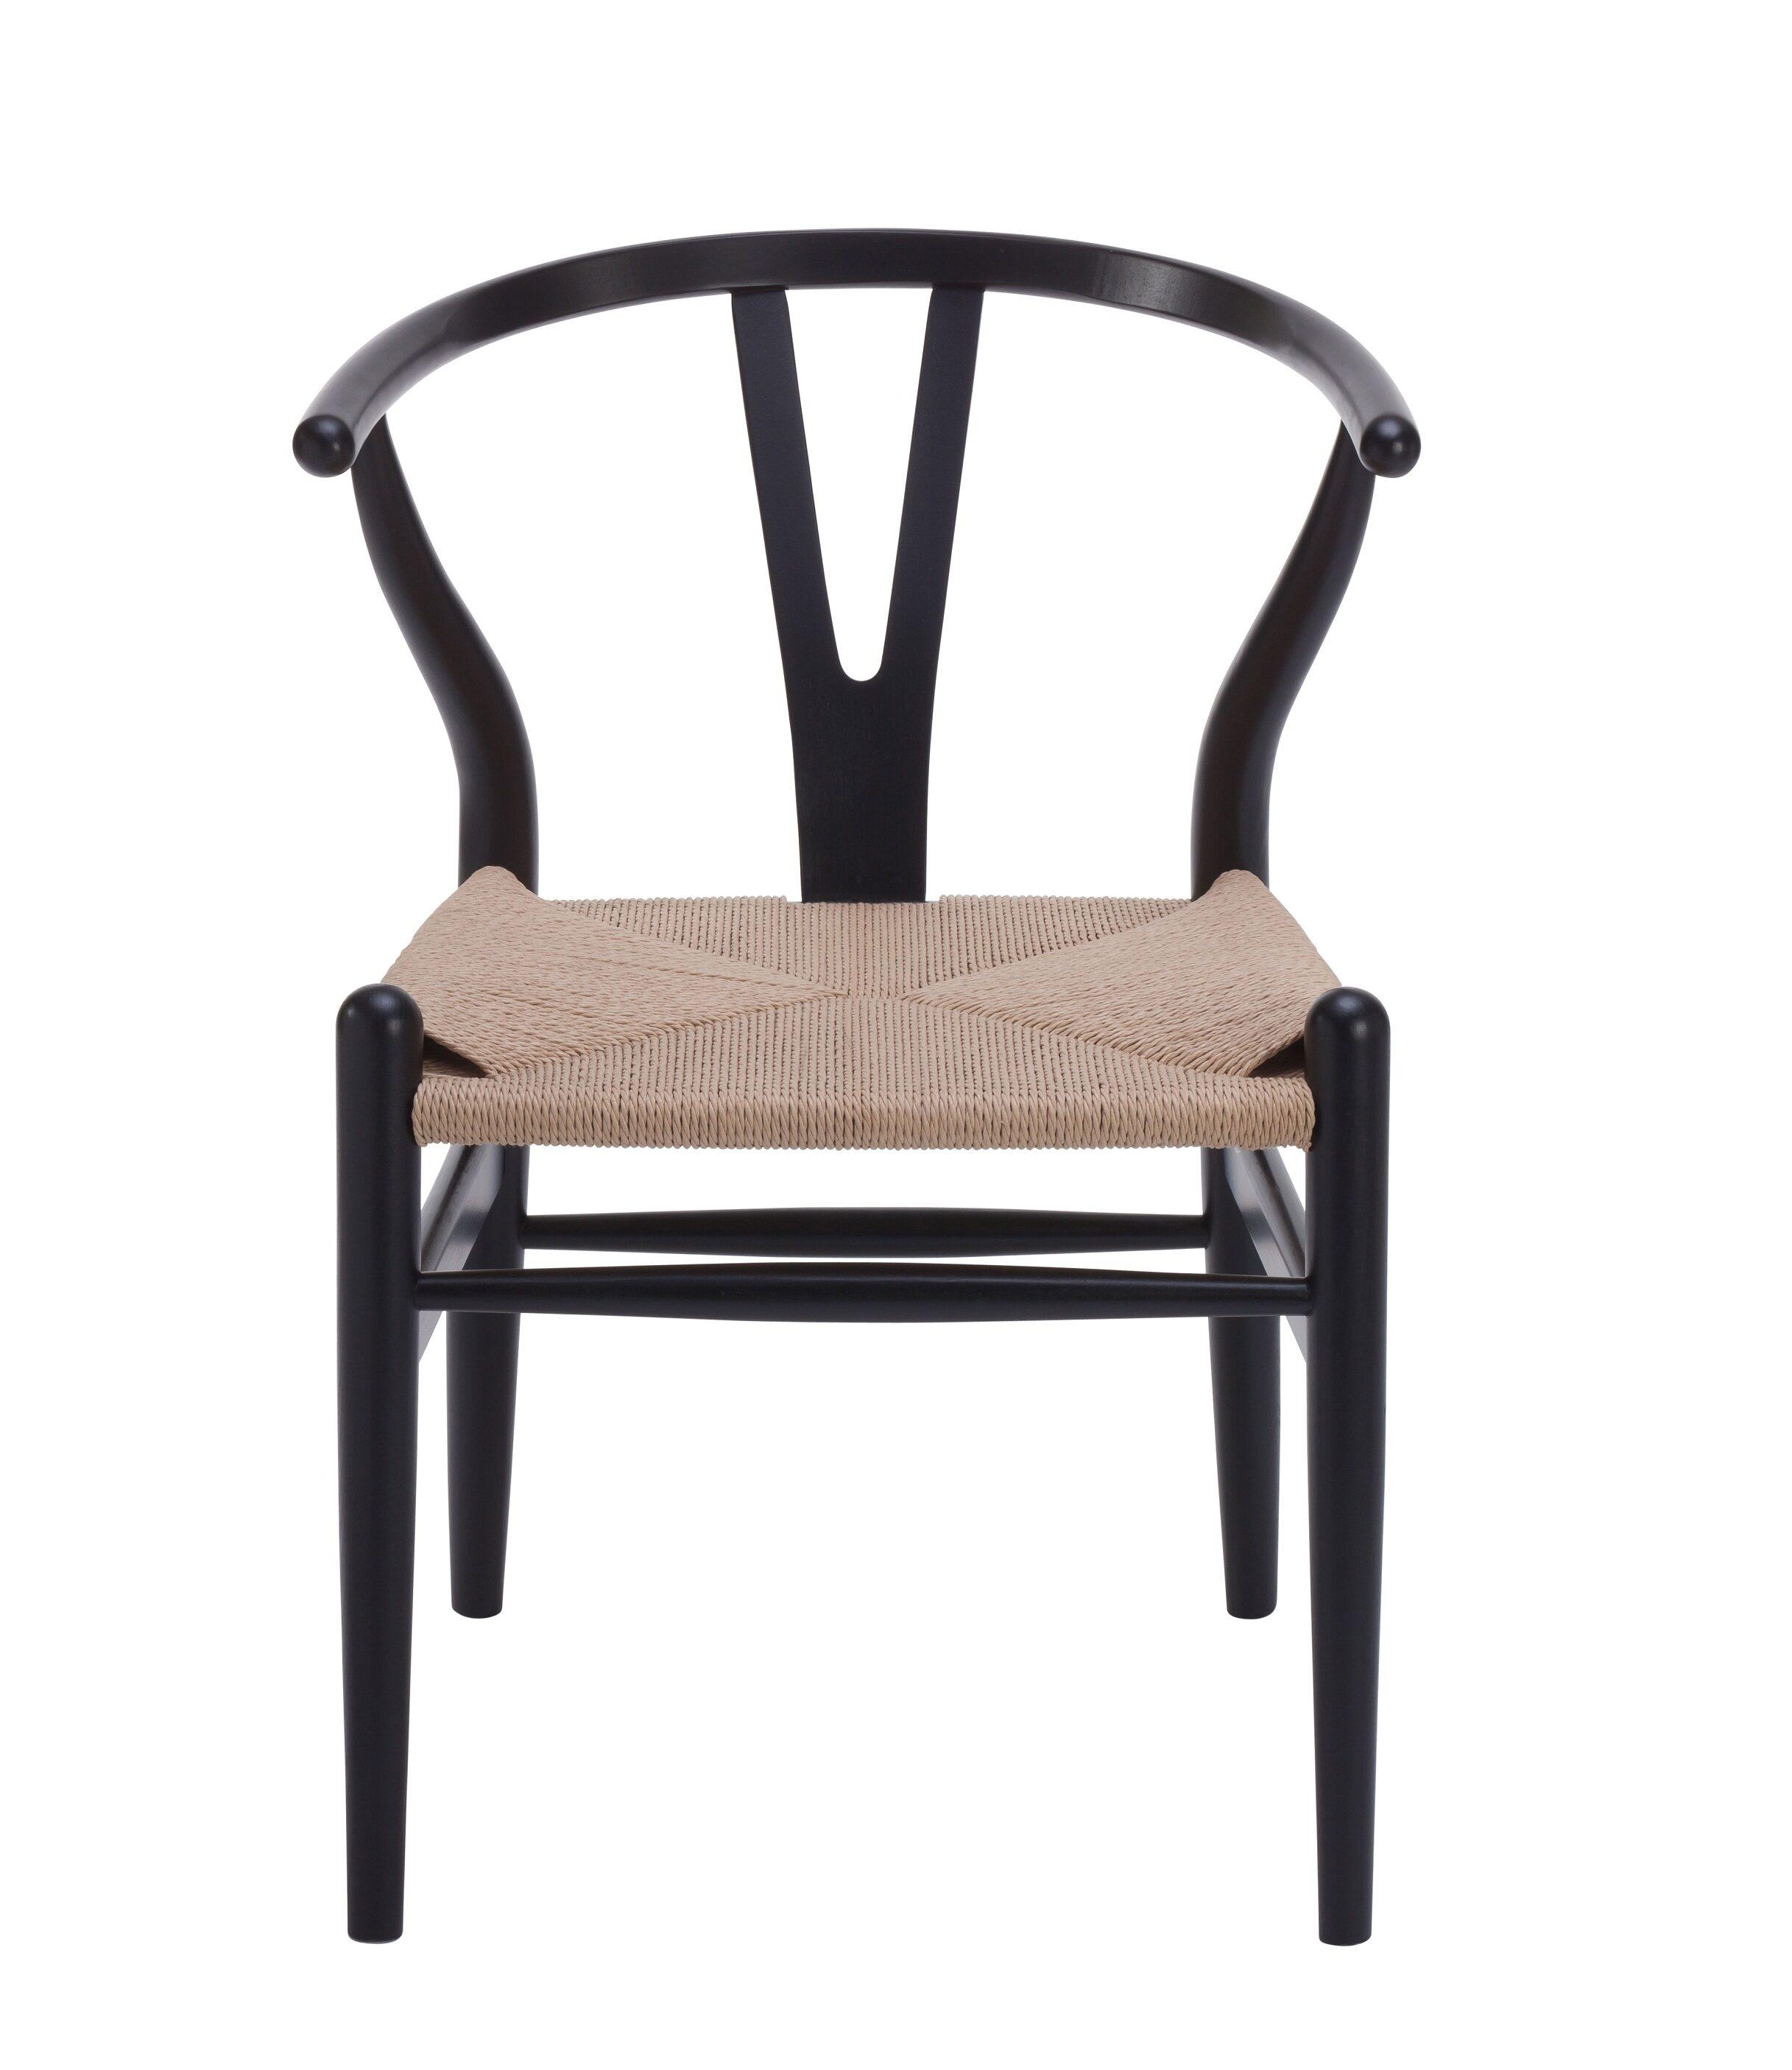 Wishbone Chair Replica (Black)